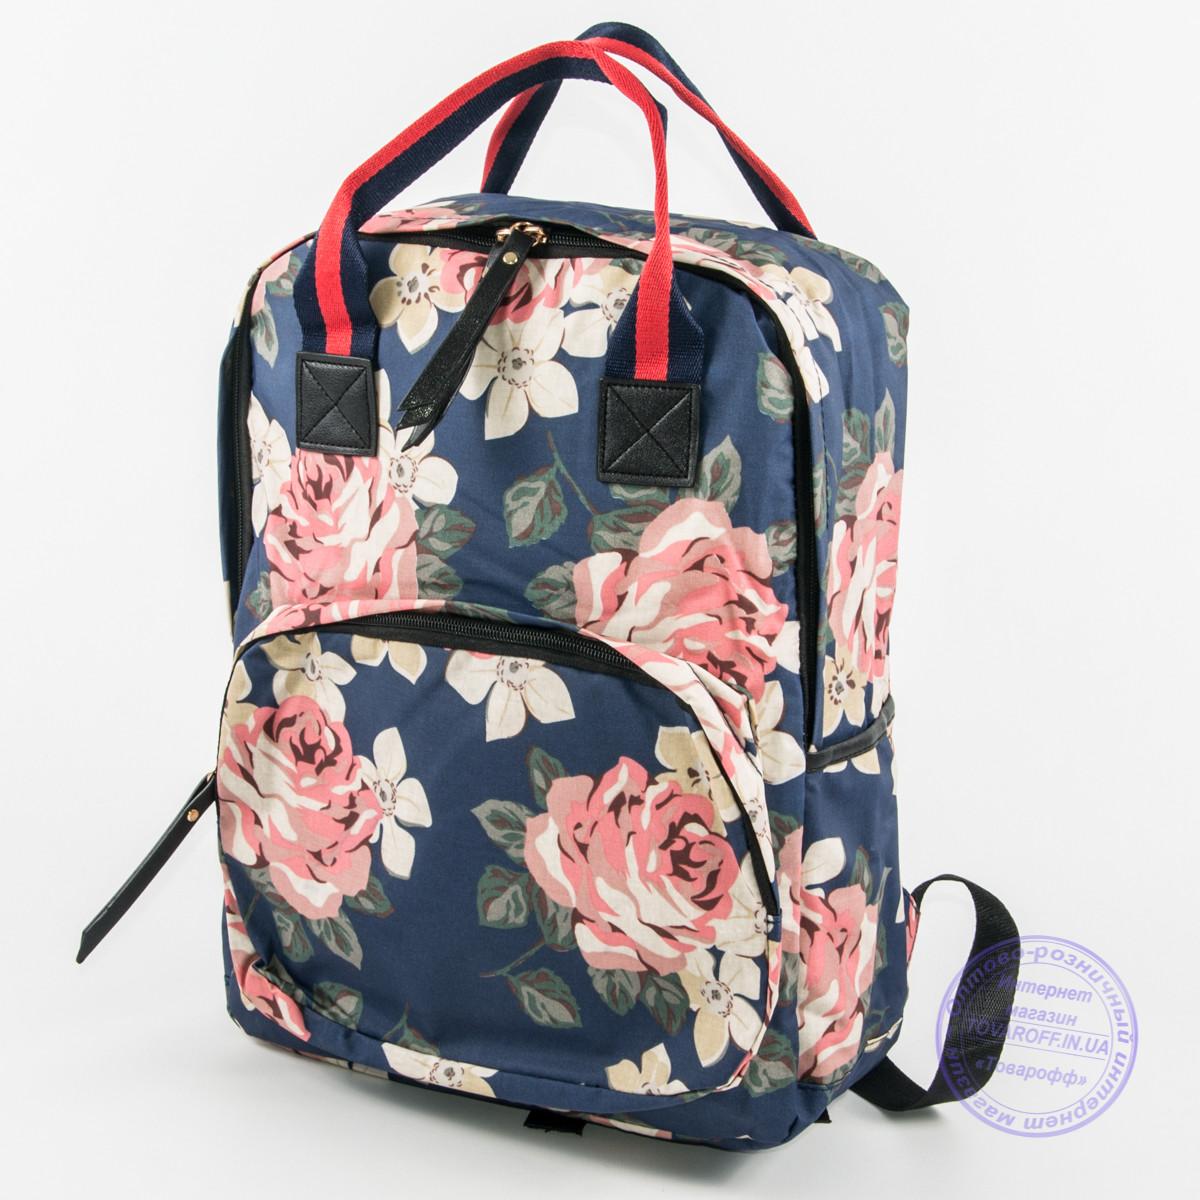 c7deec092586 Сумка-рюкзак для школы и прогулок - синий - 9015: заказ, цены в ...